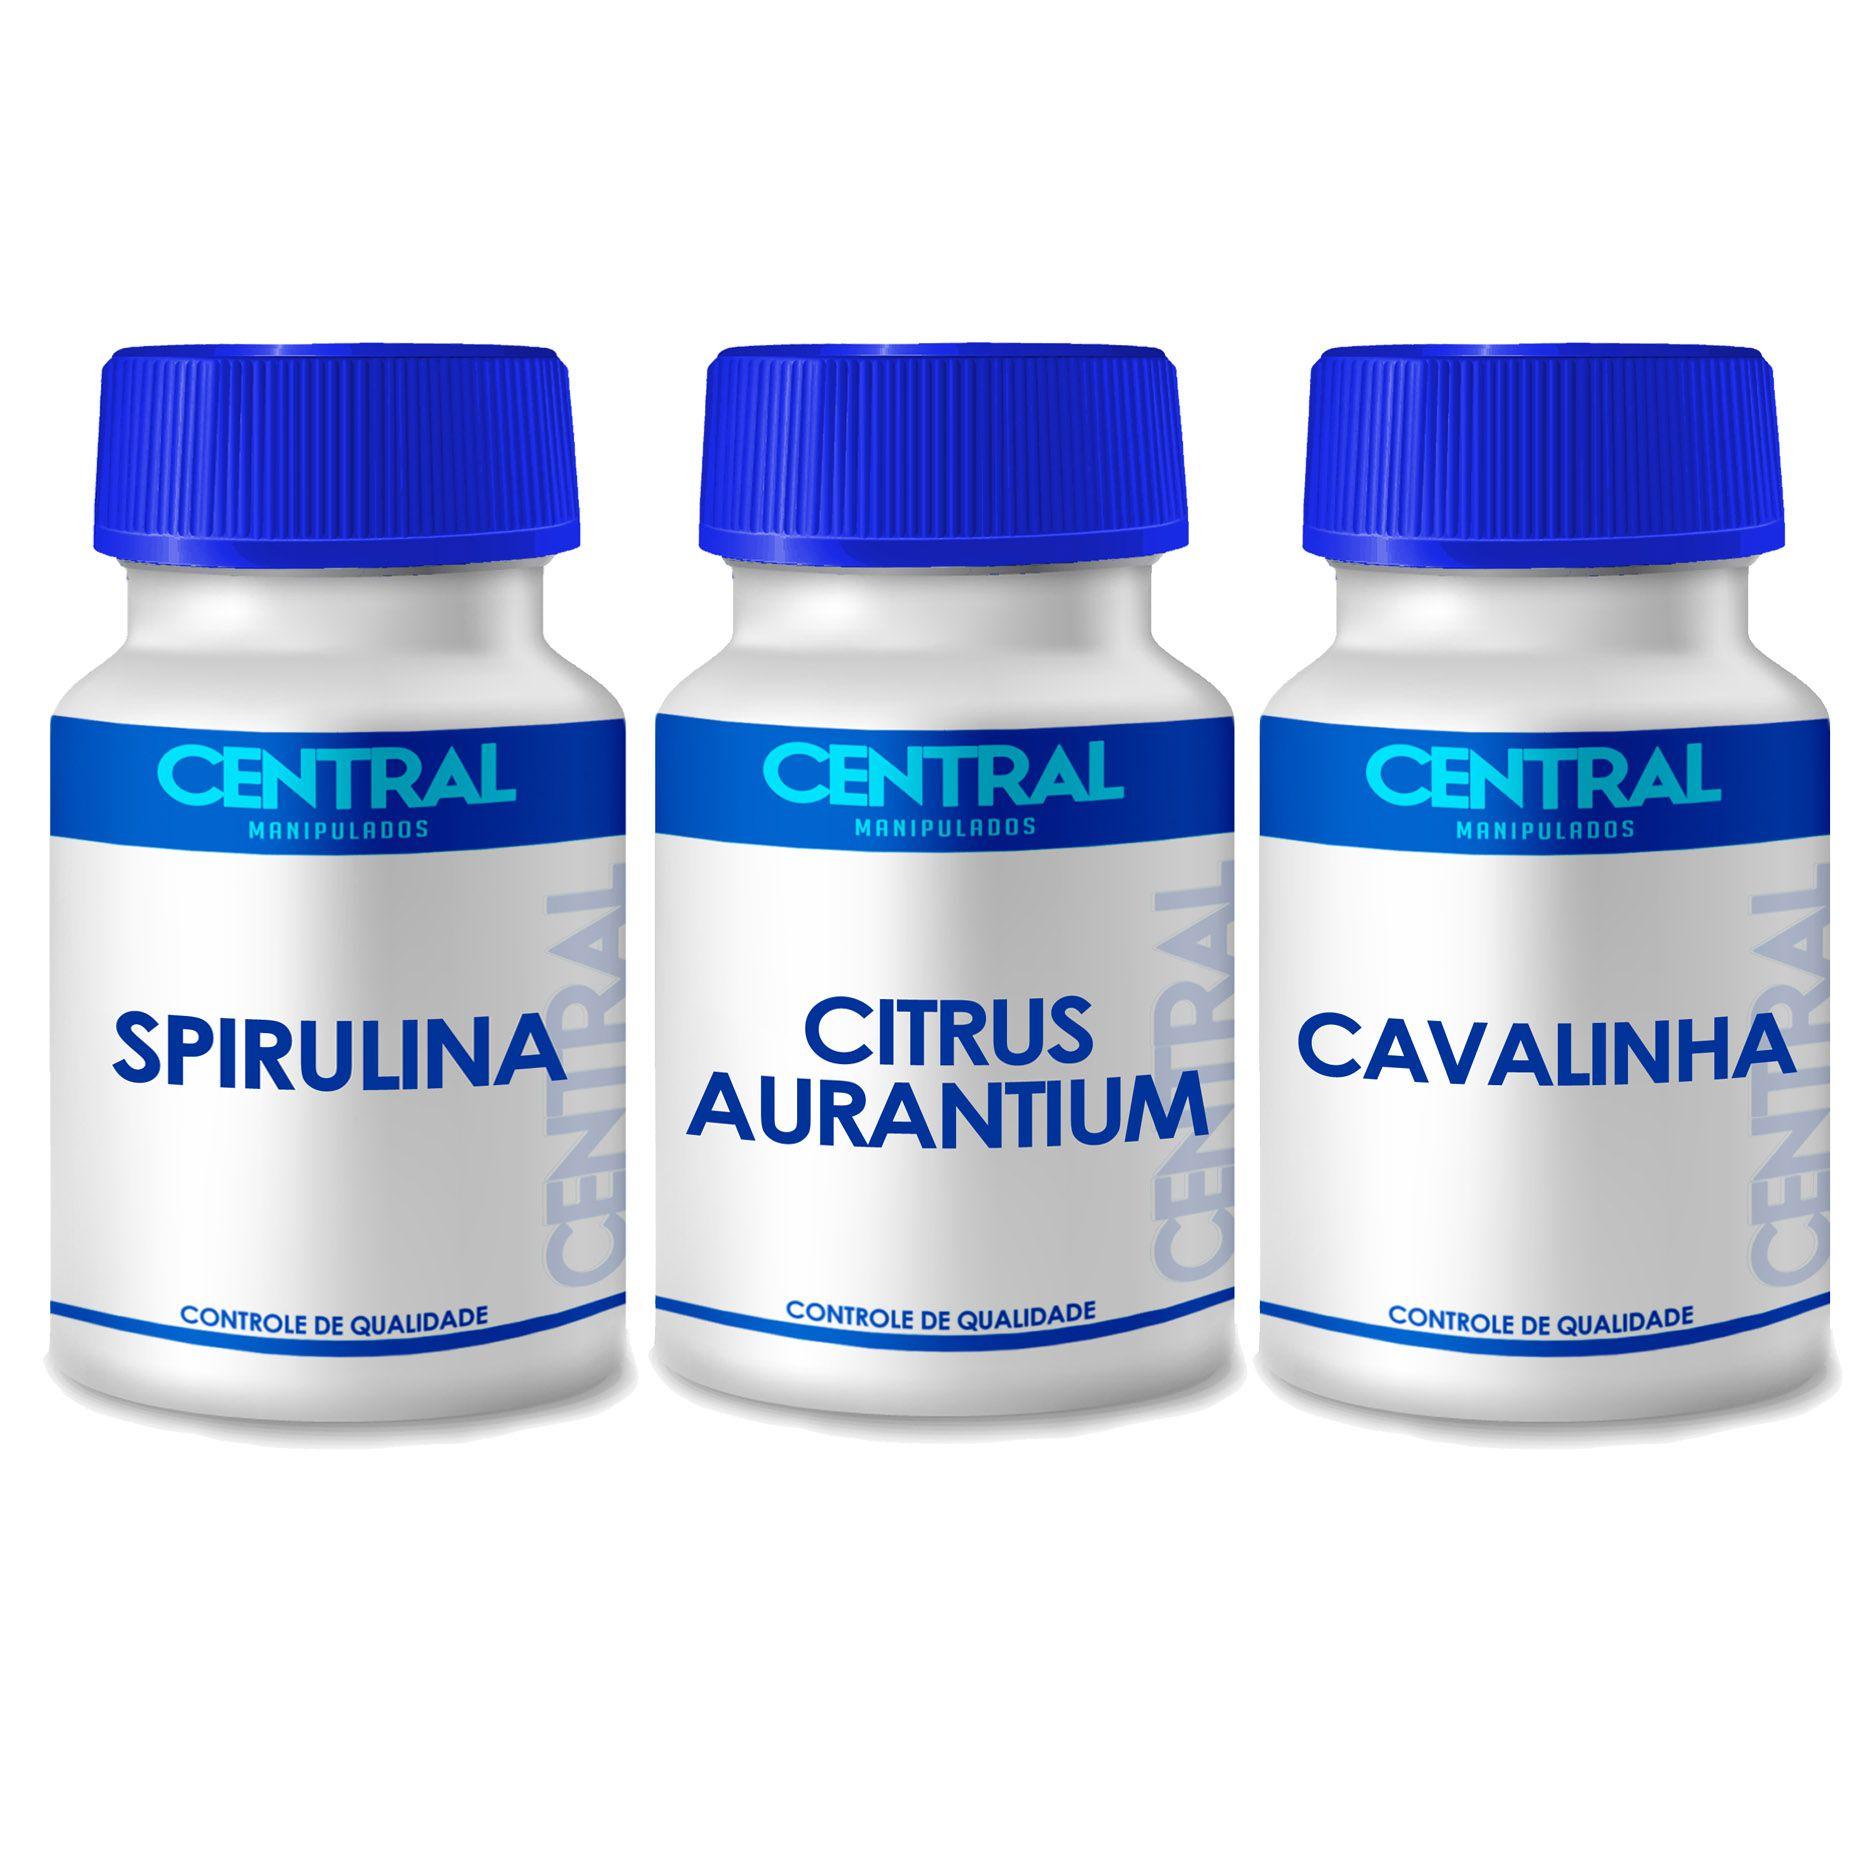 Spirulina + Cavalinha + Citrus Aurantium